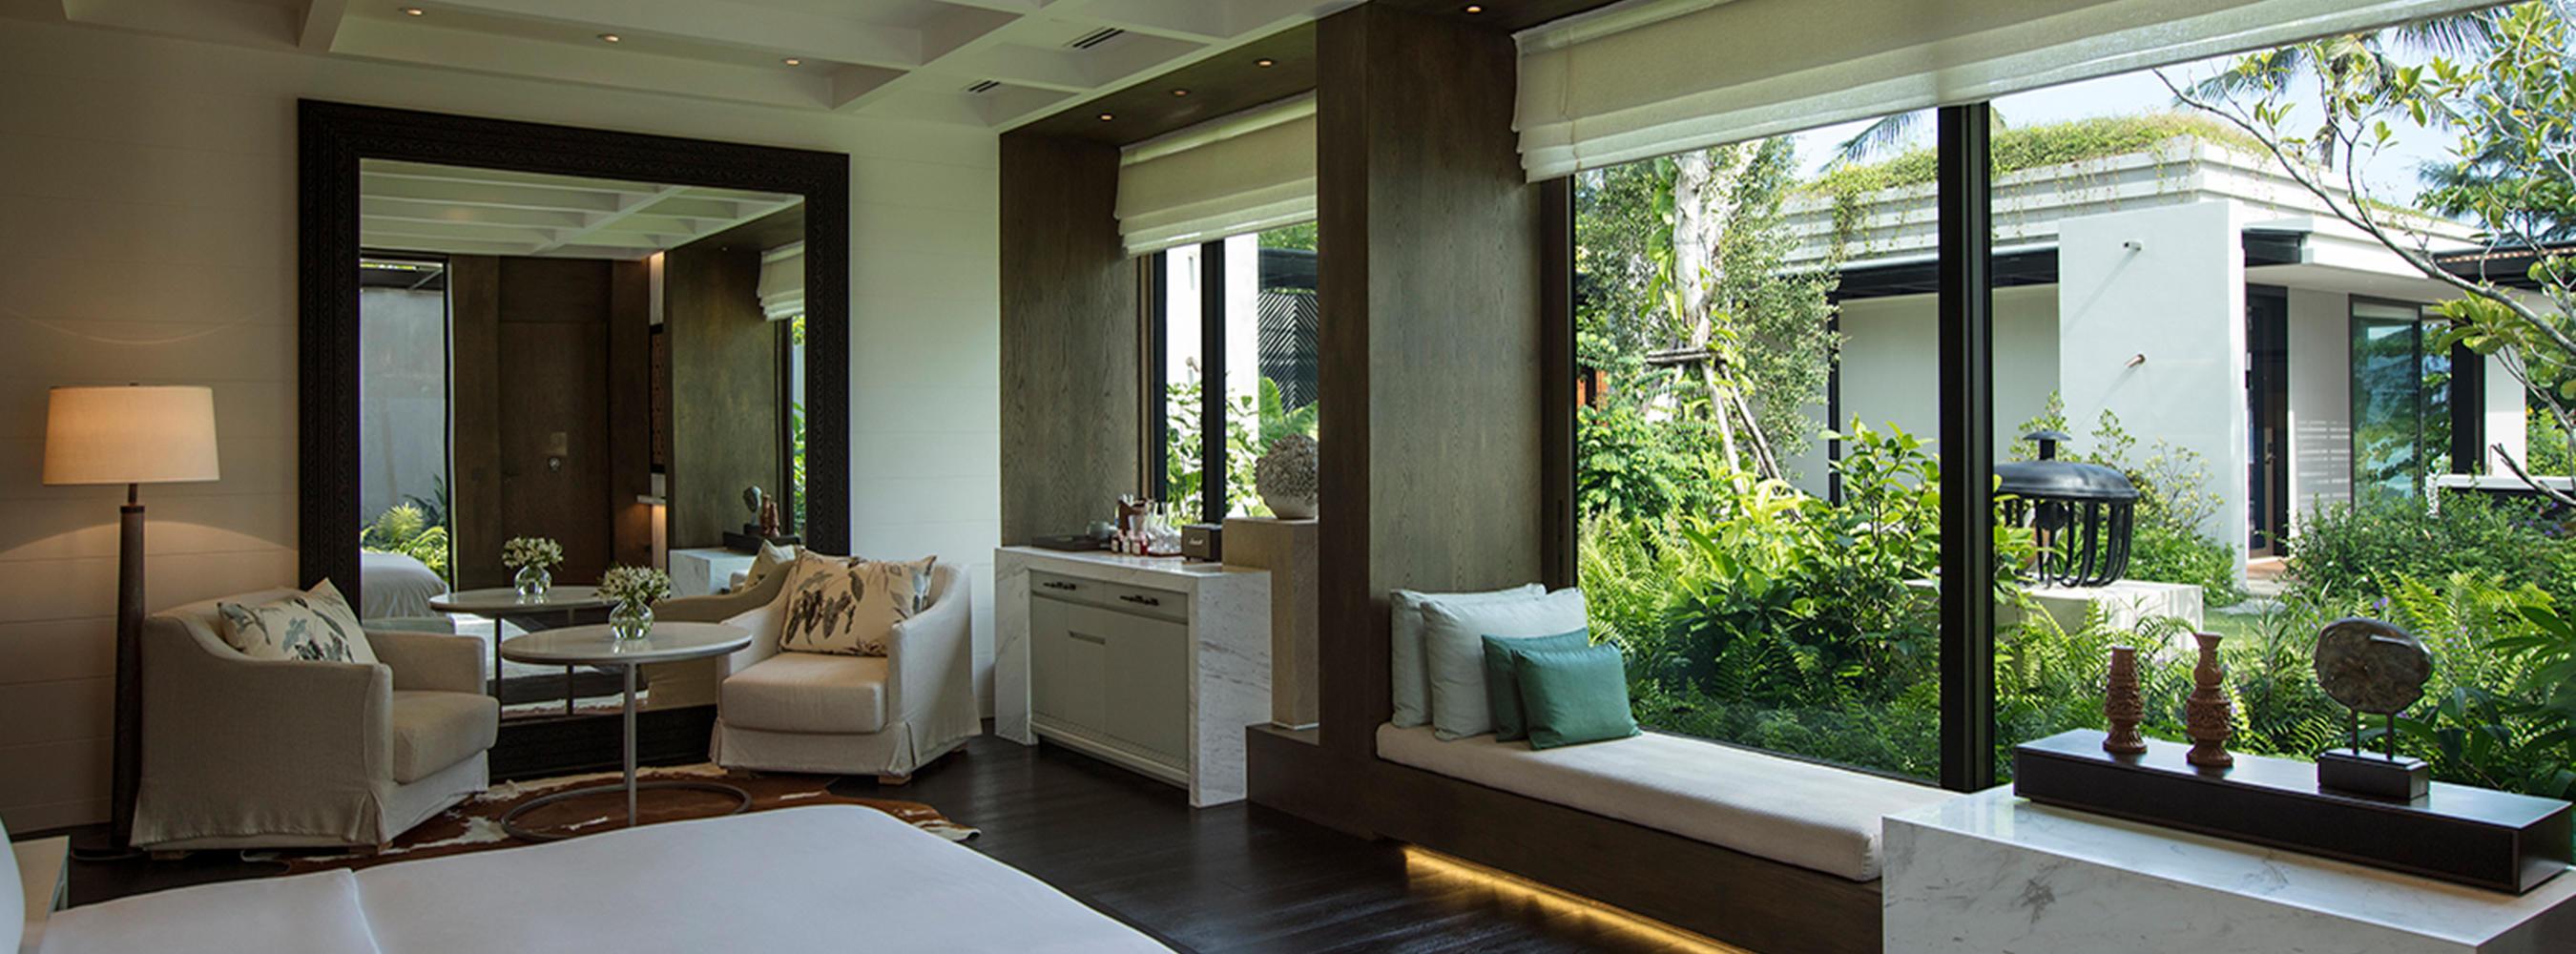 Rosewood Phuket | Luxury, Elevated by Light